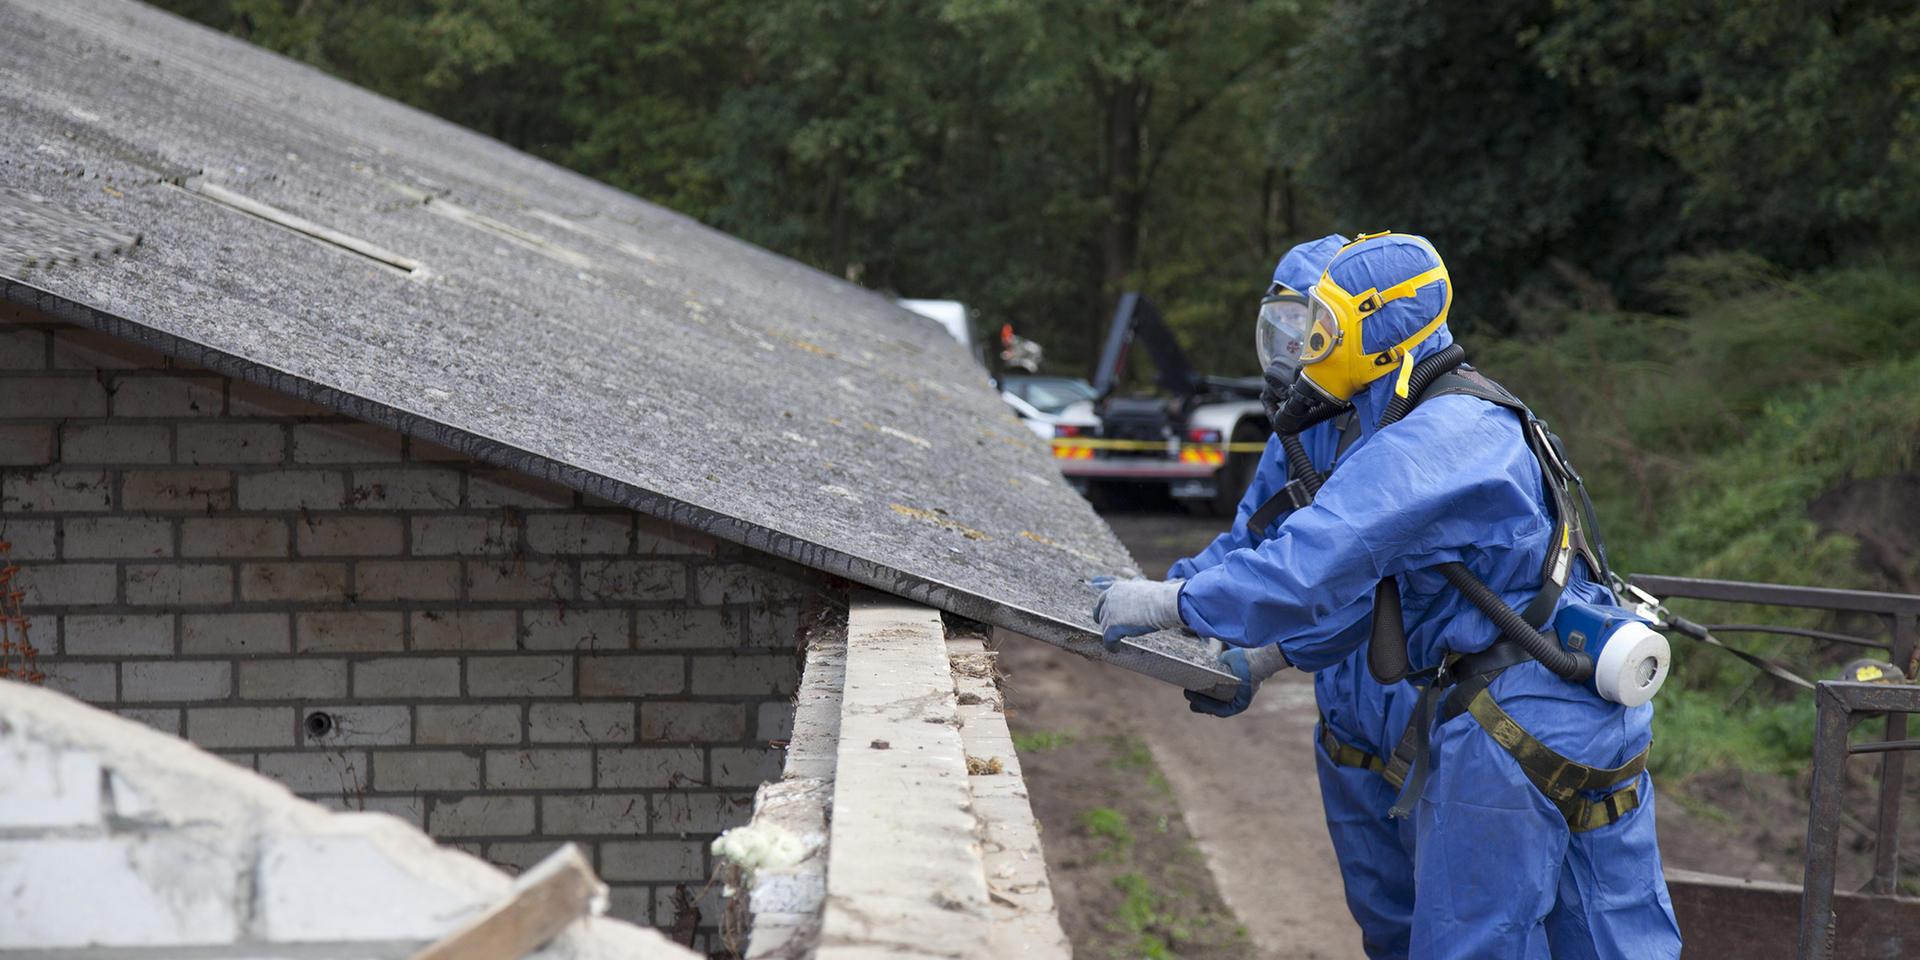 Entfernen von Asbest Roofing